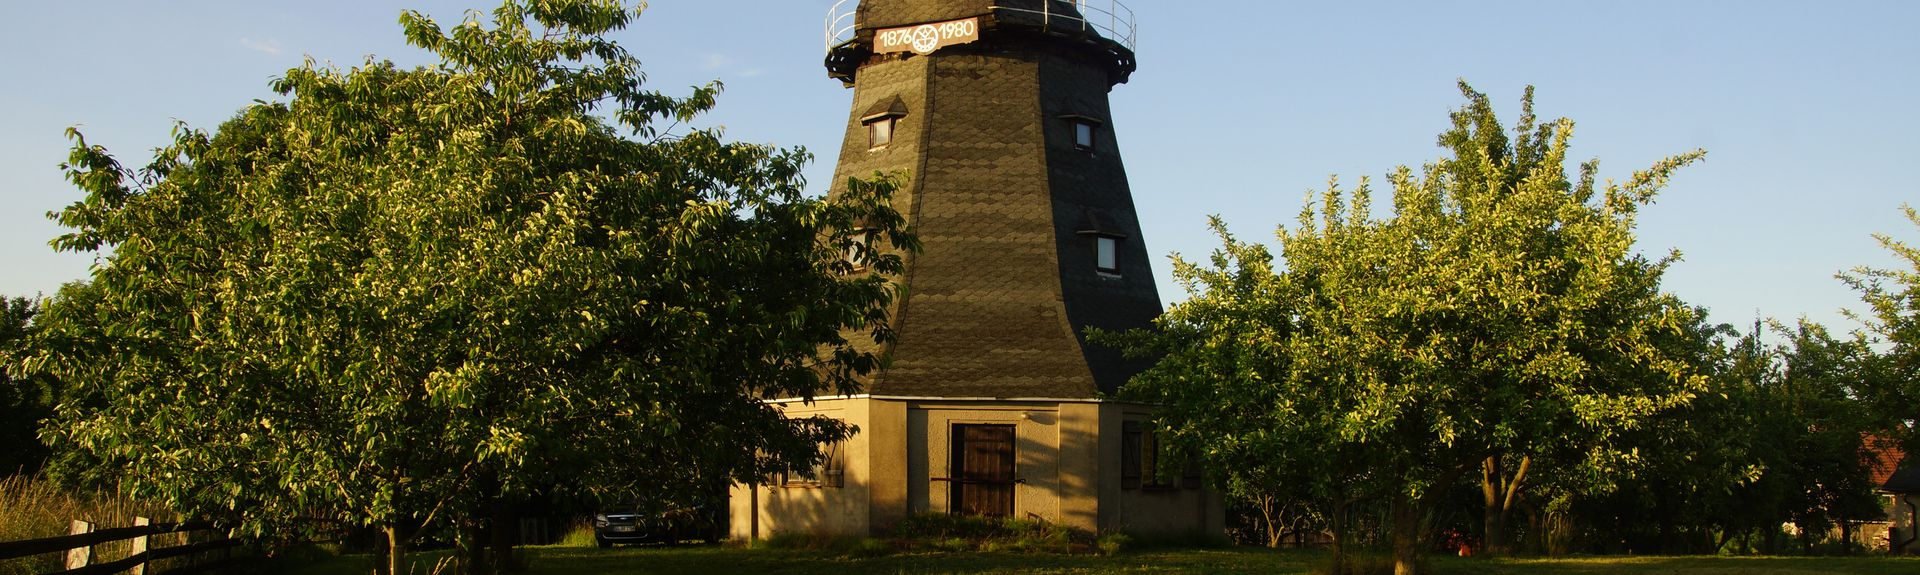 Verchen, Mecklenburg-West Pomerania, Germany